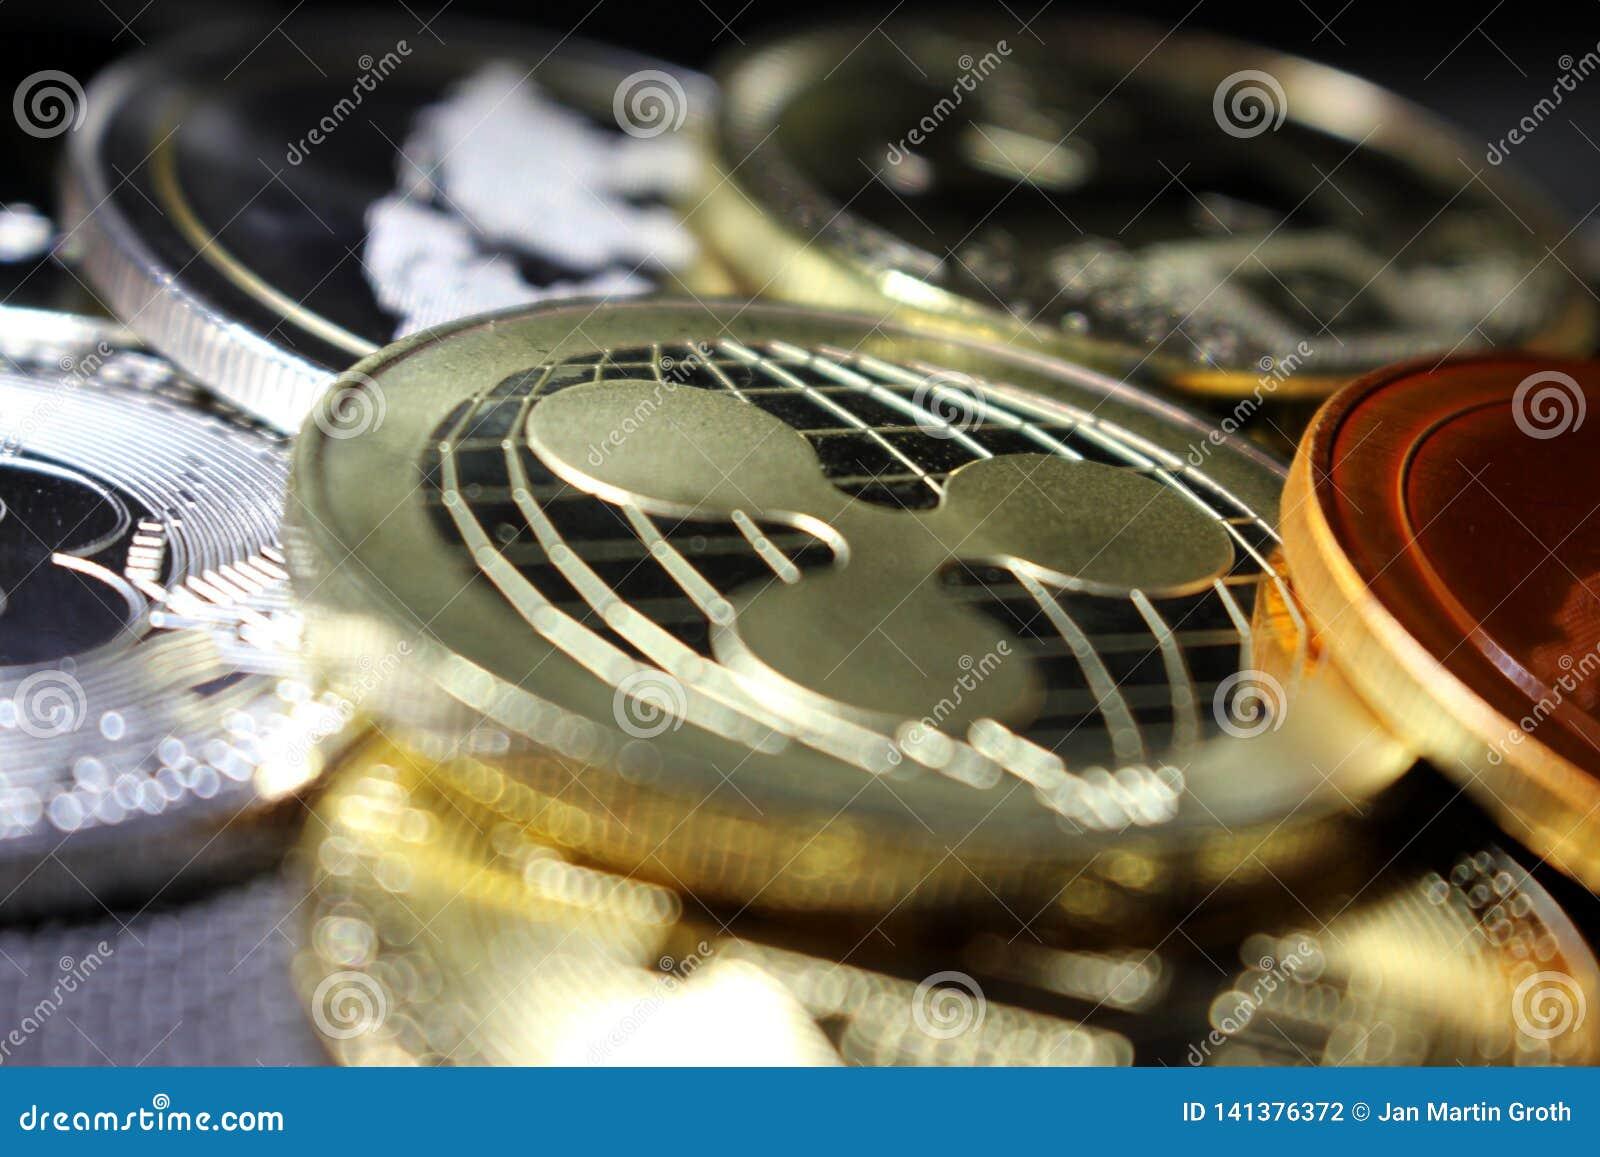 Ondulación - un nuevo cryptocurrency que revoluciona el pago digital - moneda con otras monedas crypto